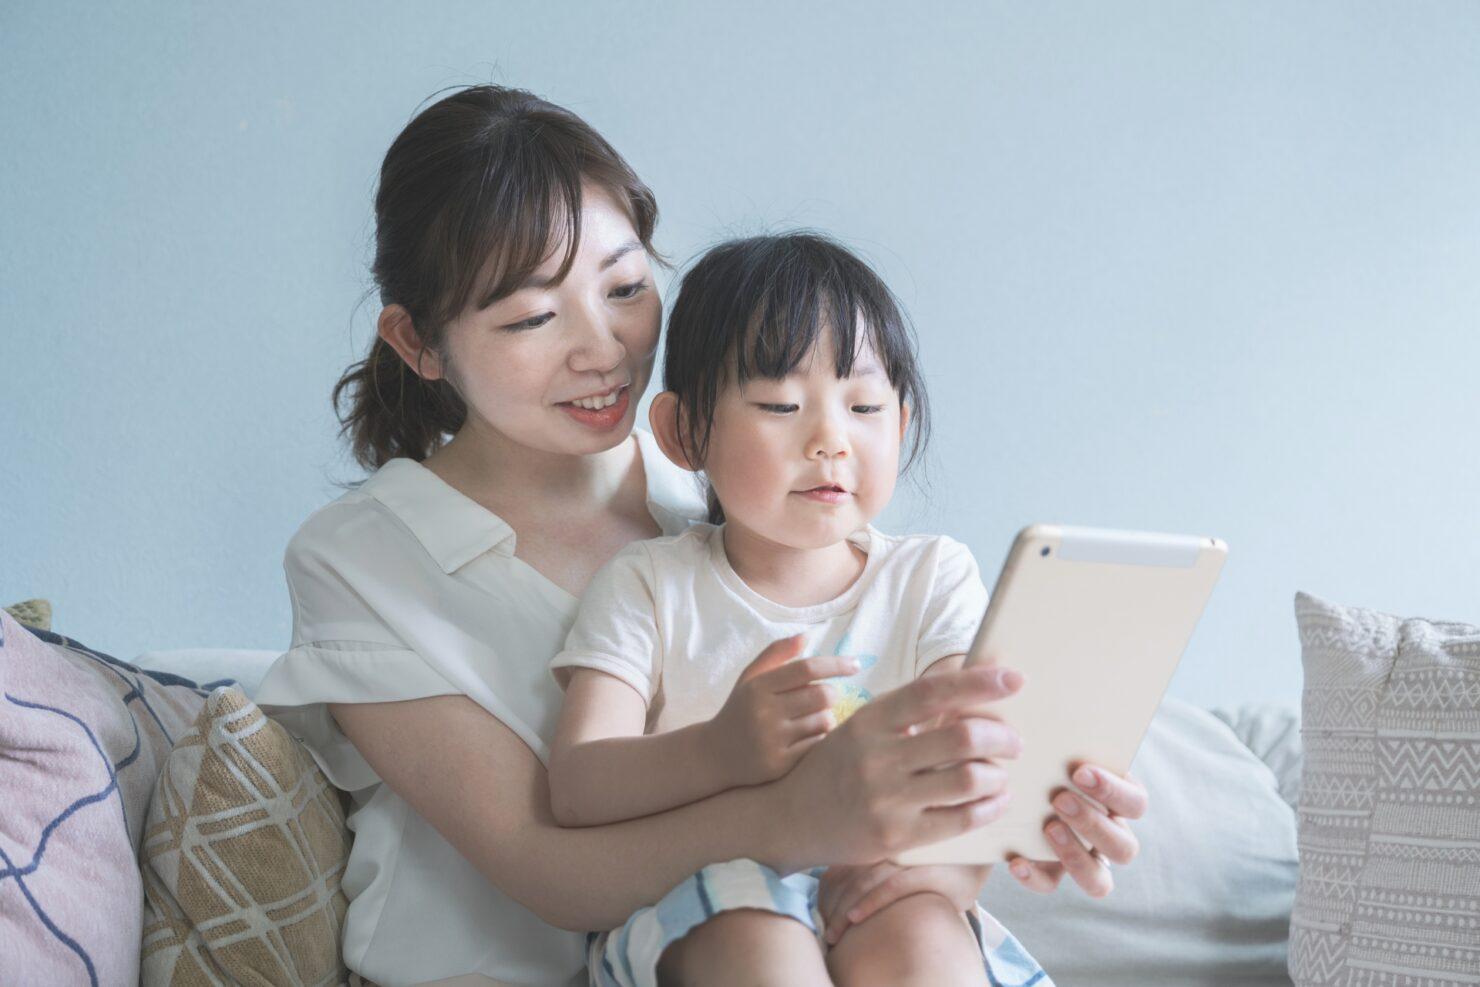 子供も大人もオンライン診療や健康相談を活用しよう